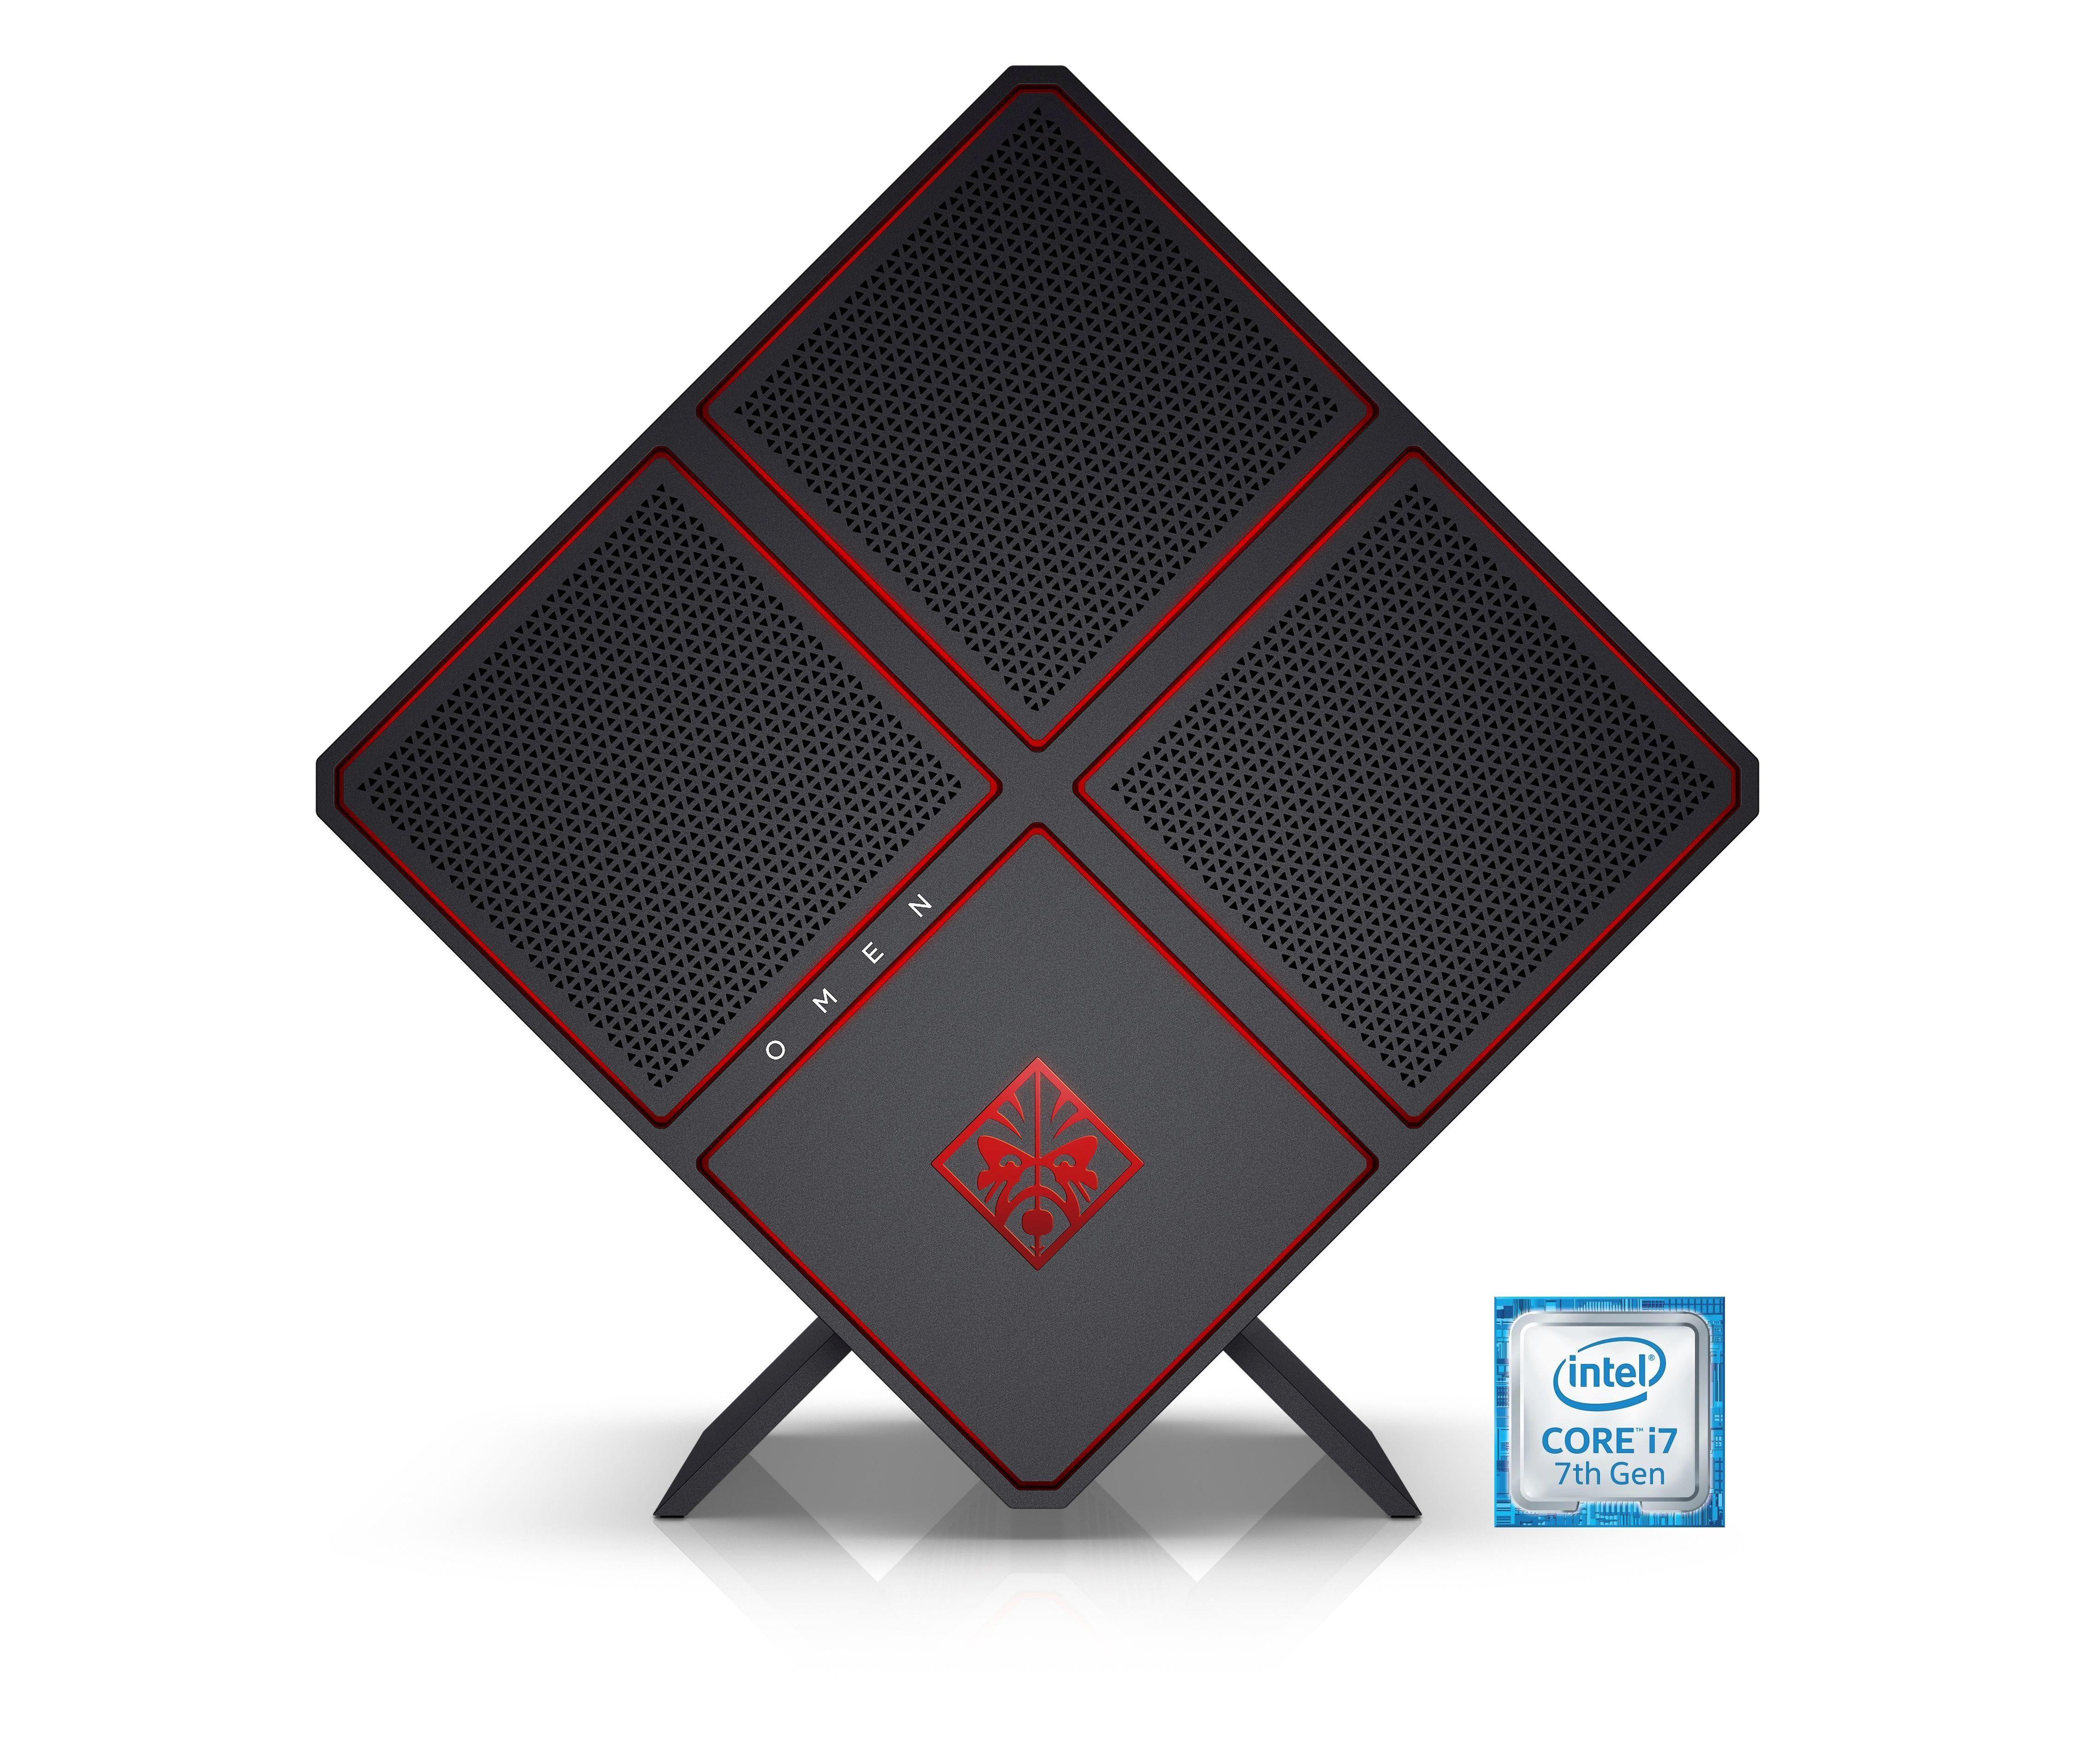 HP OMEN X by HP 900-154ng Gaming-Desktop »Intel Core i7, 2 TB + 256 GB, 16 GB, GTX 1070«